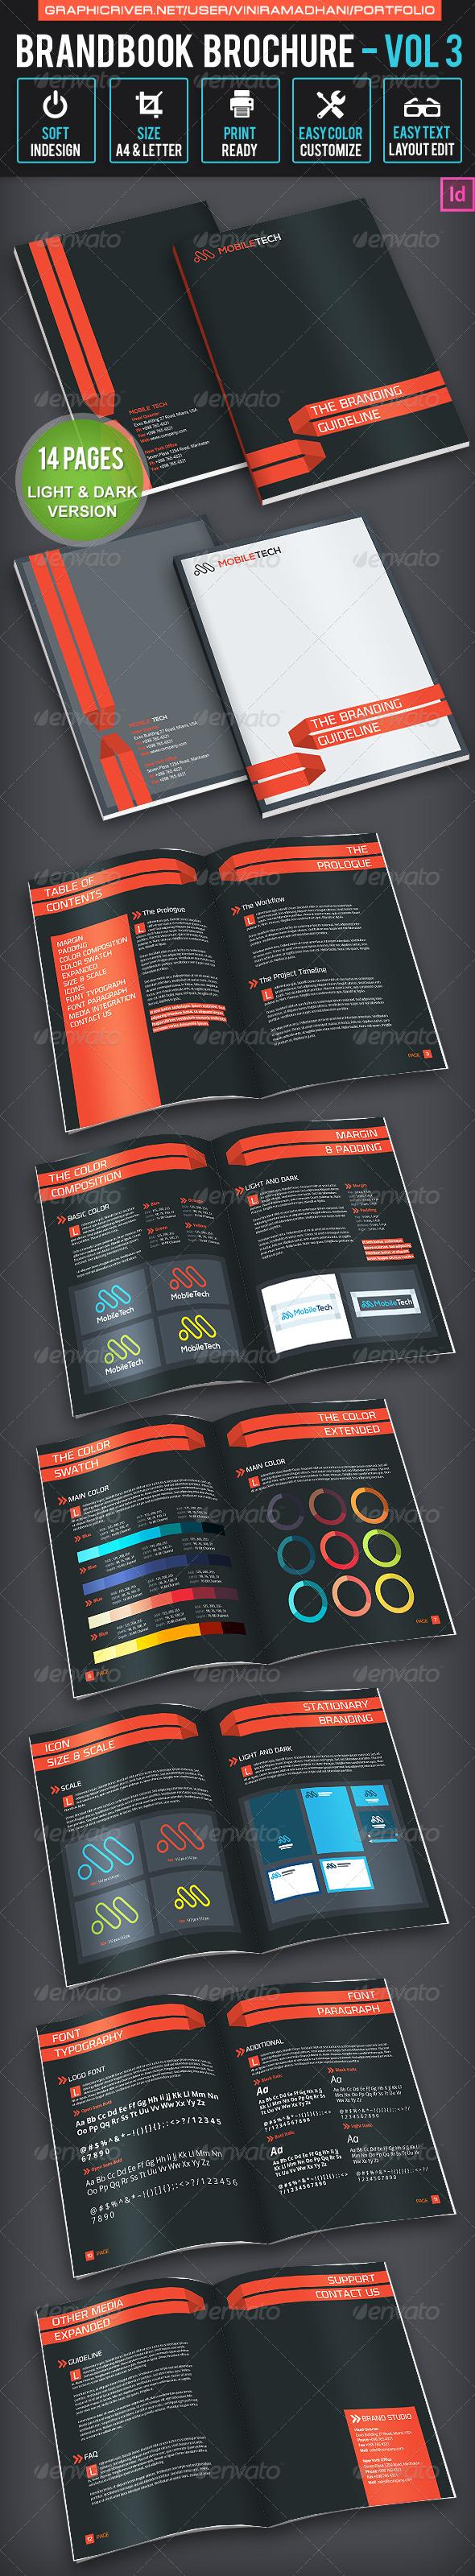 Brandbook Brochure   Volume 3 - Corporate Brochures